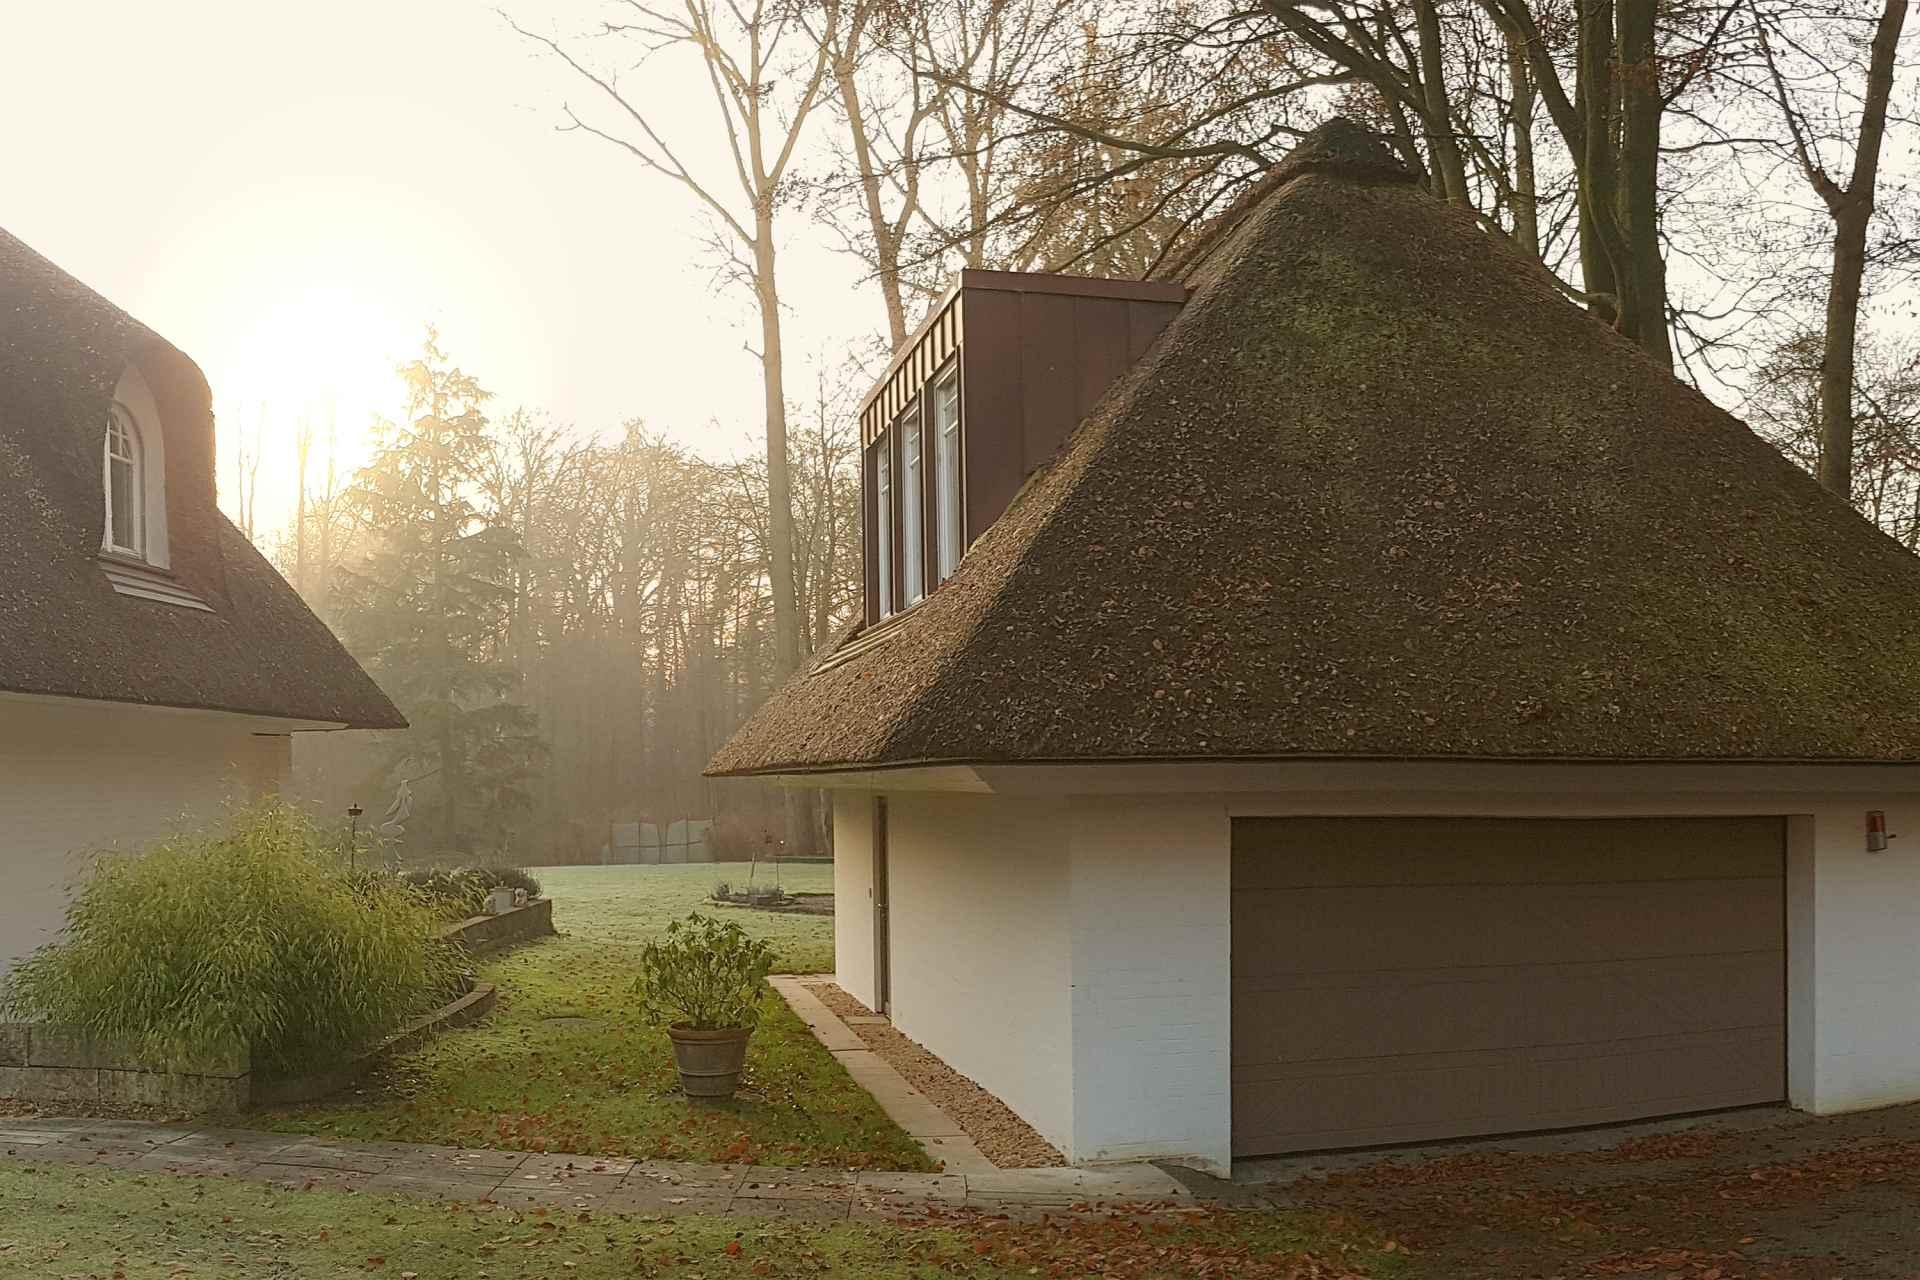 GRJ (Wohnbauten + Umbau und Sanierung) Umbau einer Reetdachvilla von 1949